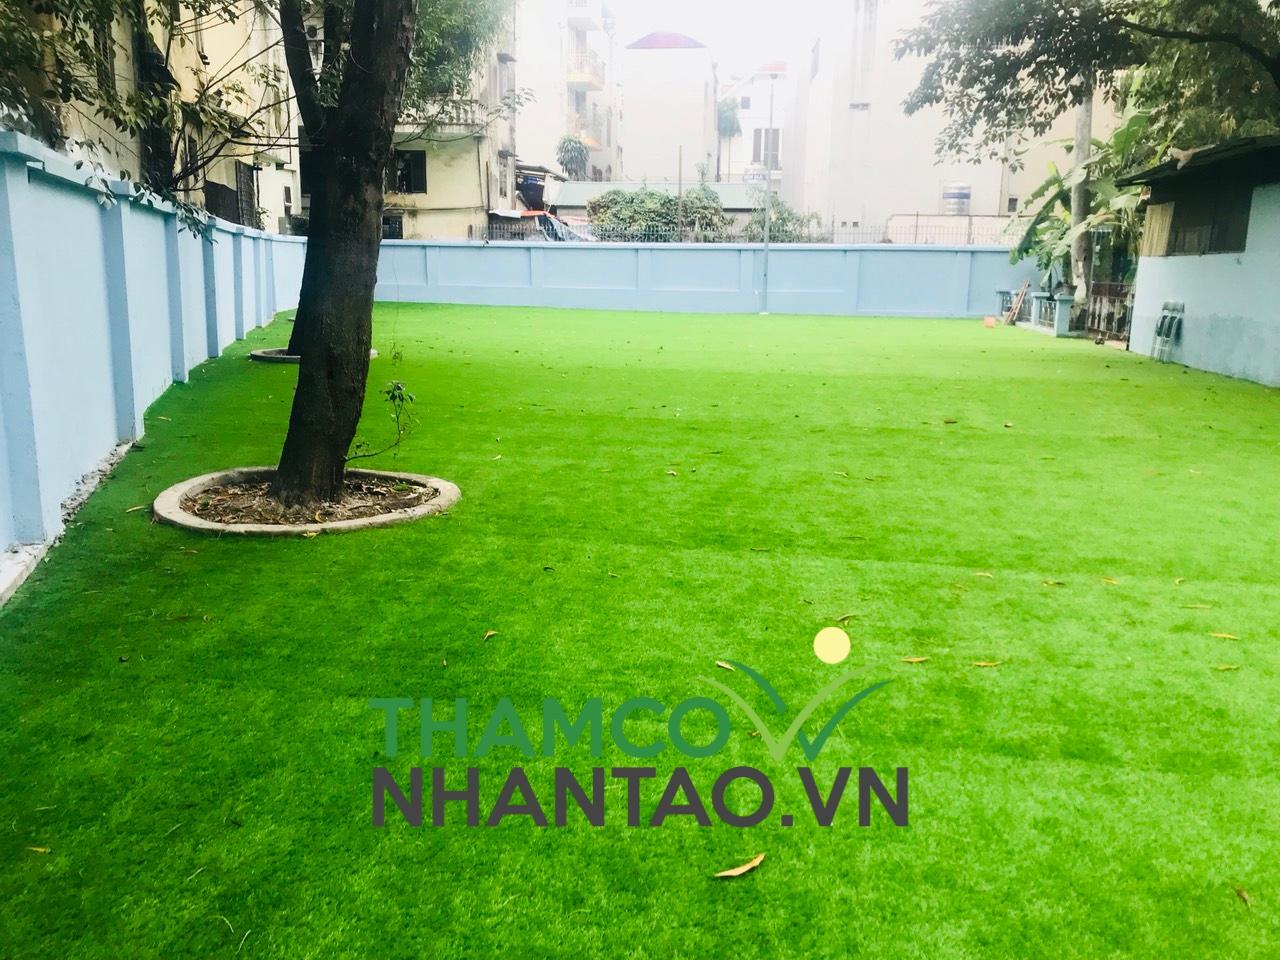 Một vài hình ảnh của dự án sân vườn trường tiểu học Thanh Lương quận Hai Bà Trưng, Hà Nội: 3